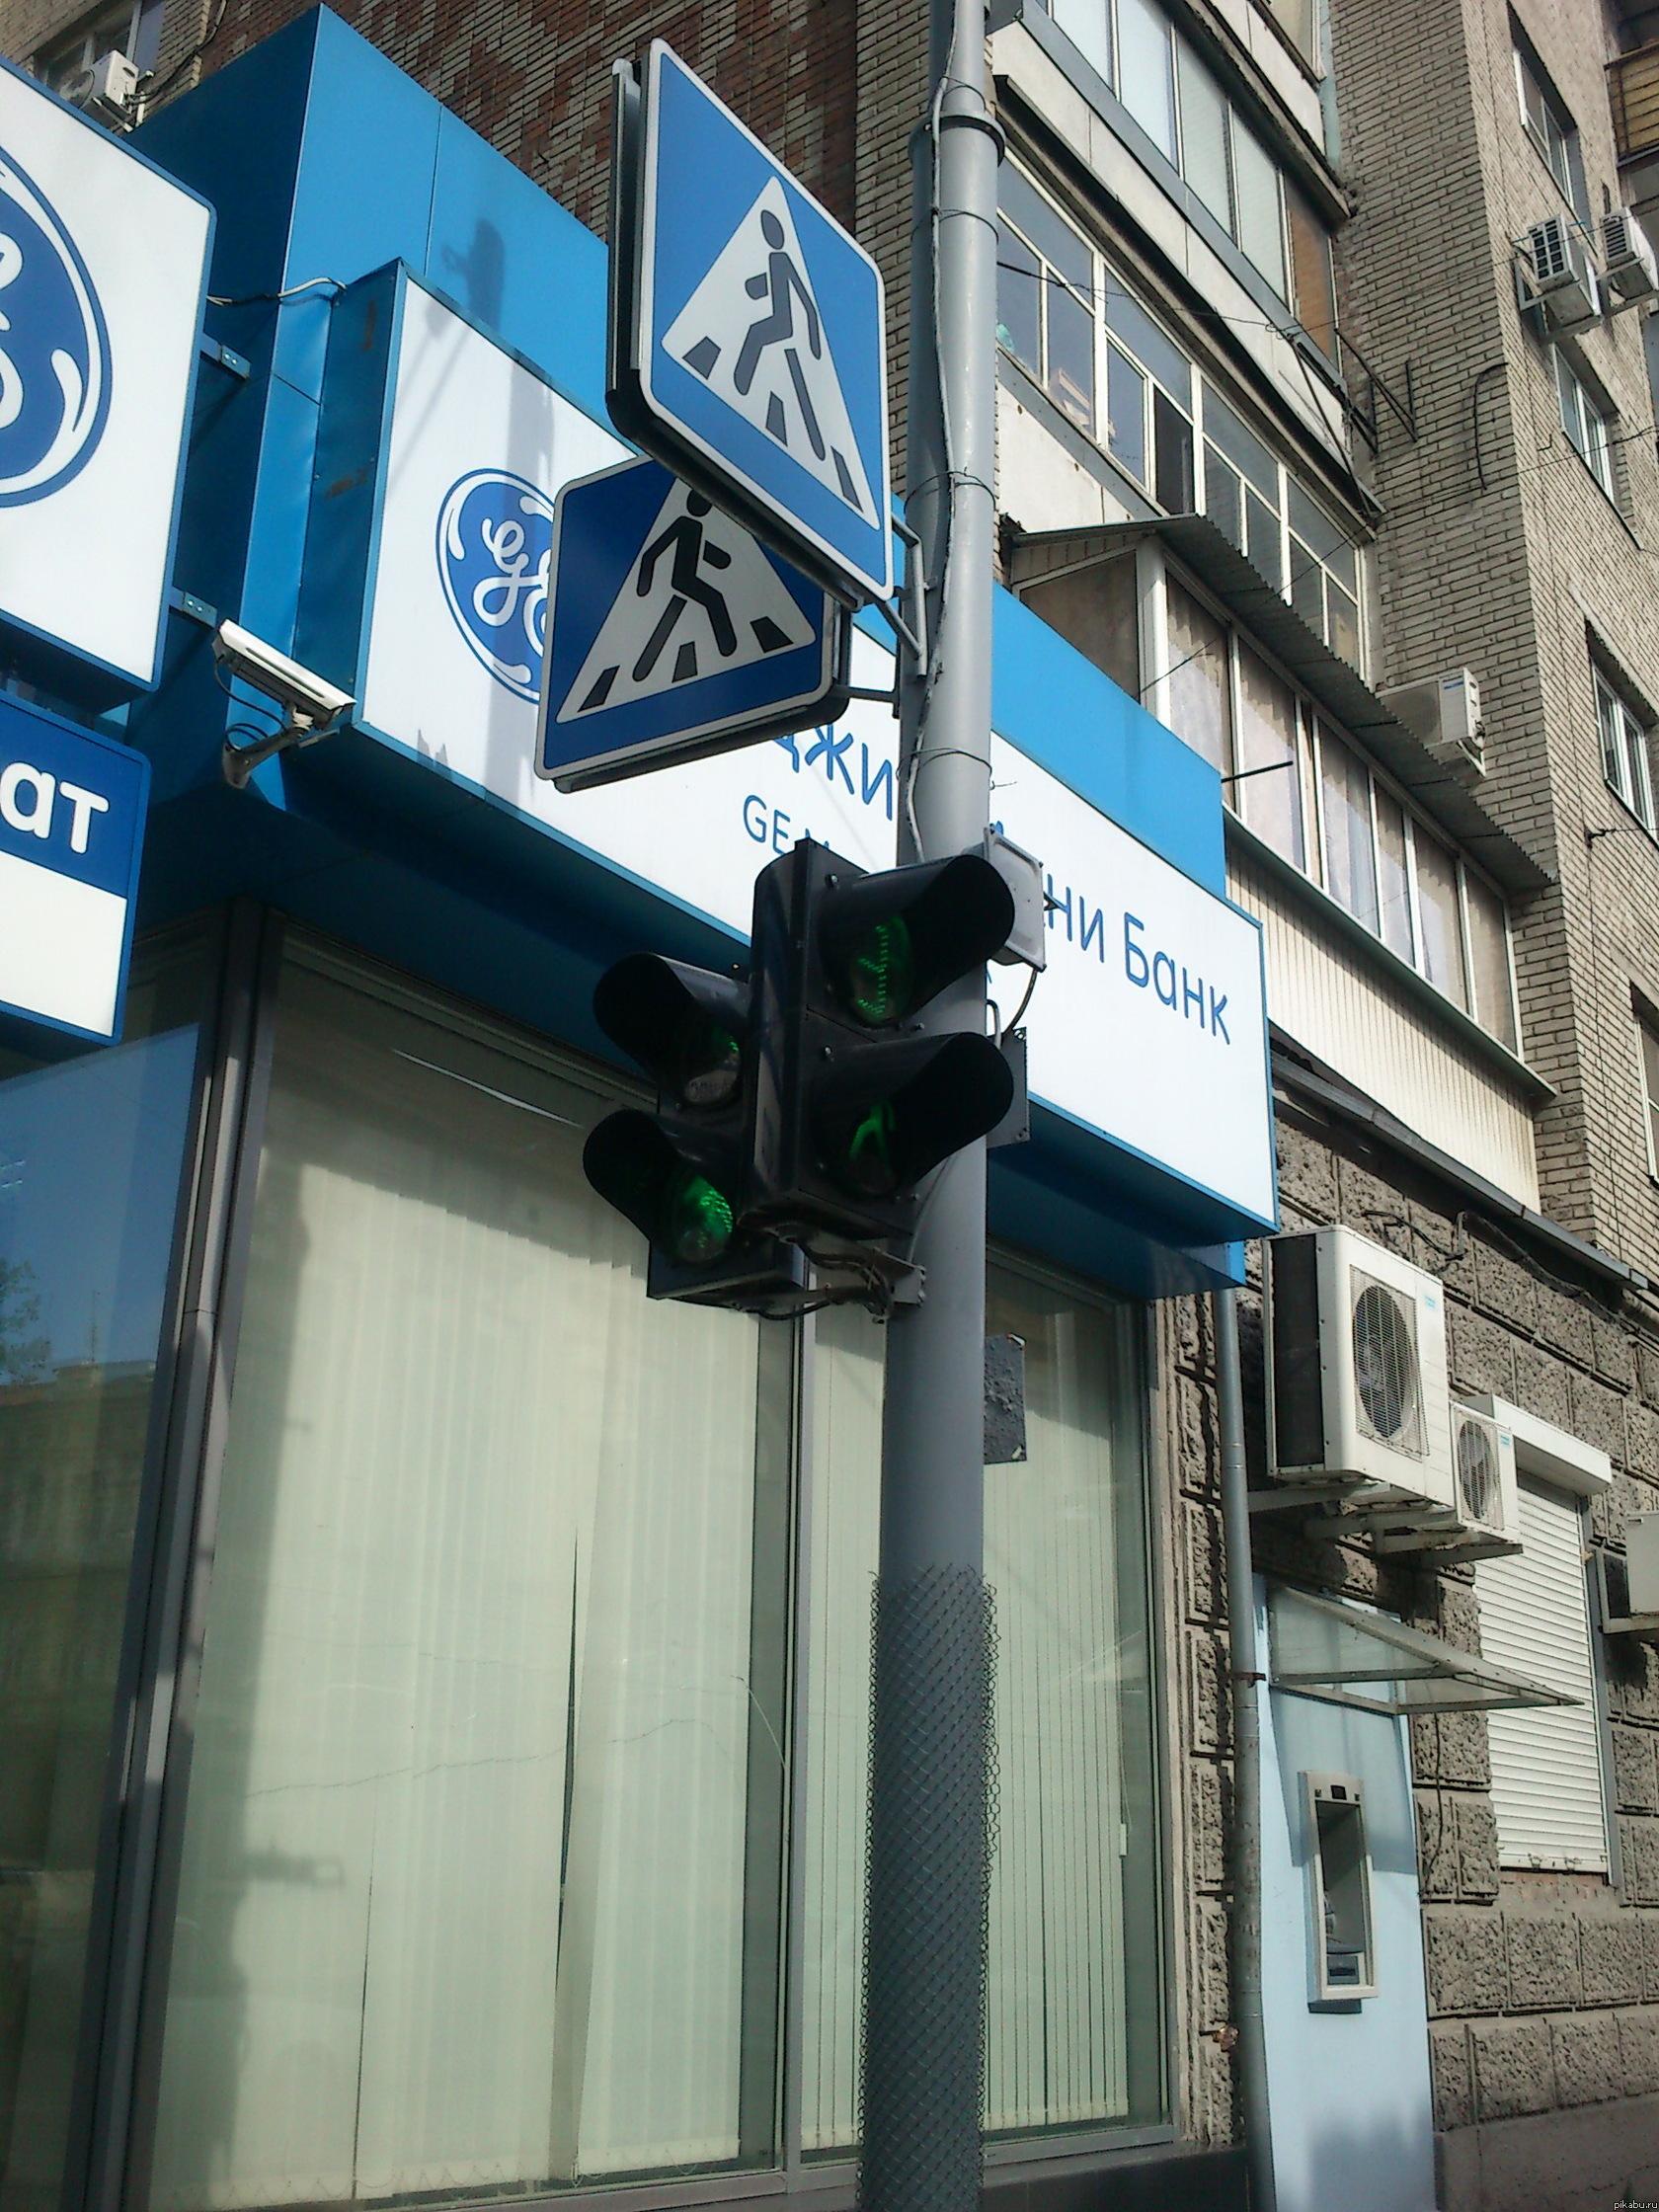 Как такое возможно? В Ростове-на-Дону, угол Братского и Садовой. Не раз видел, как этот светофор горит для всех пешеходов зеленым, а для всех машин красным. Почему так, кто знает?